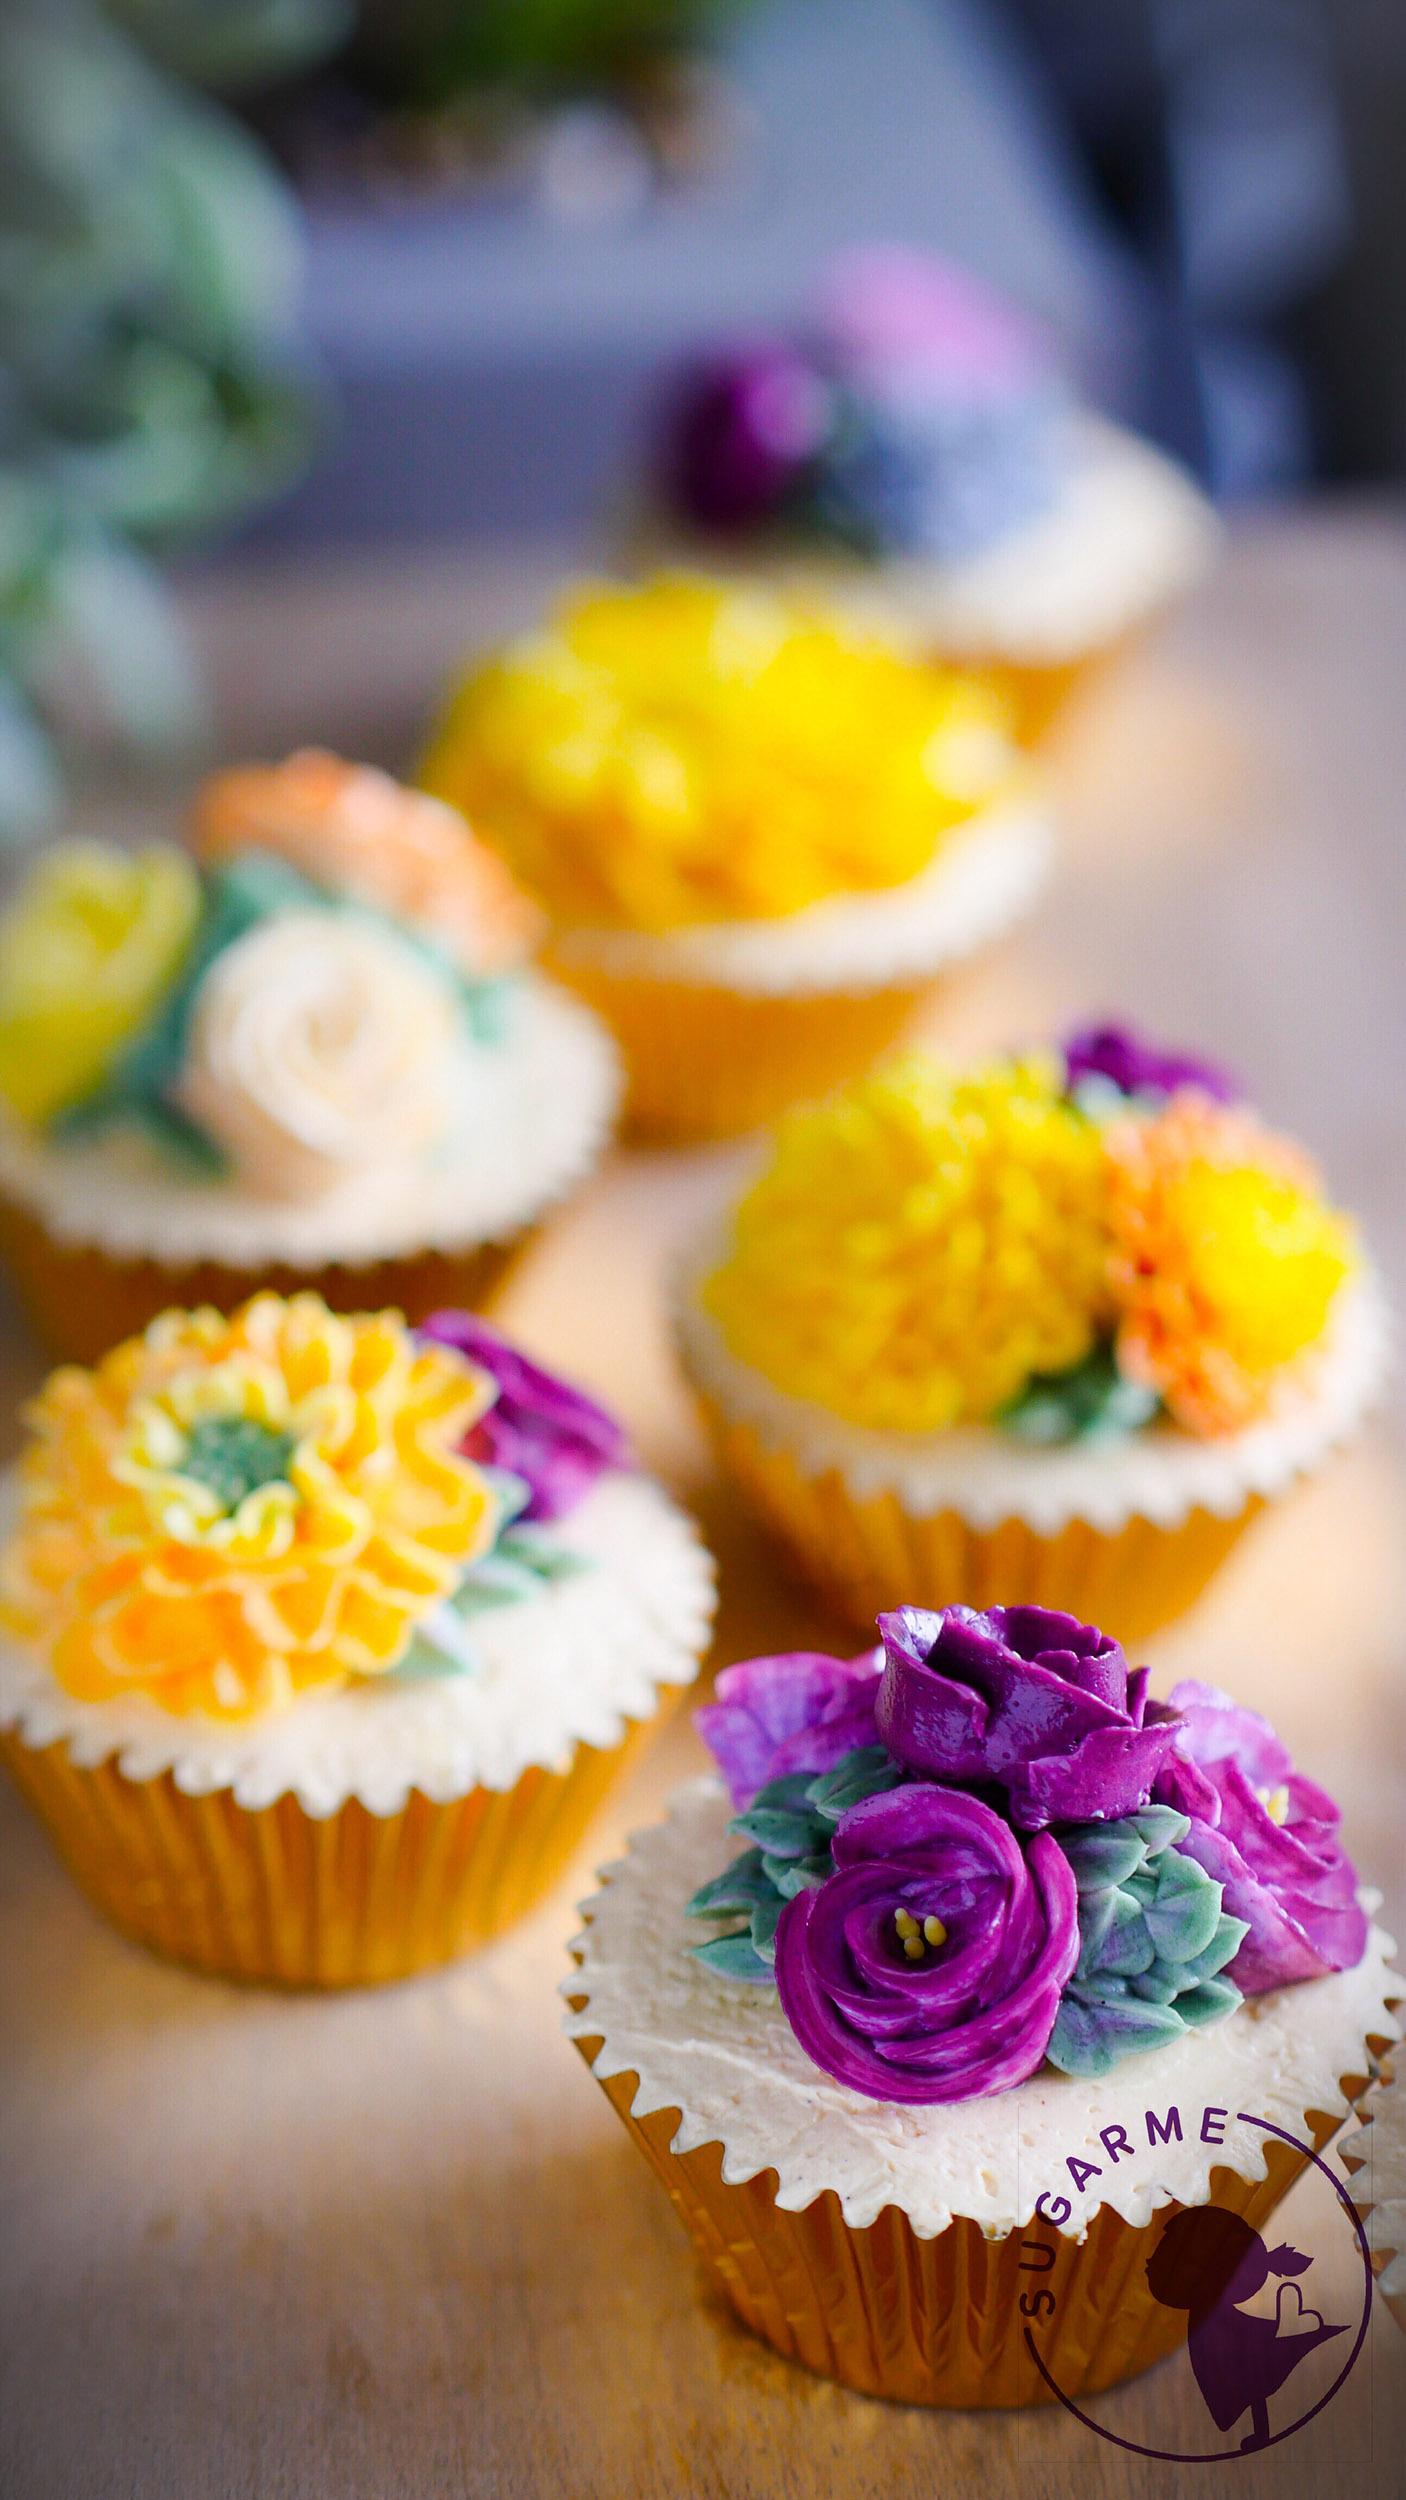 cupcake_cream